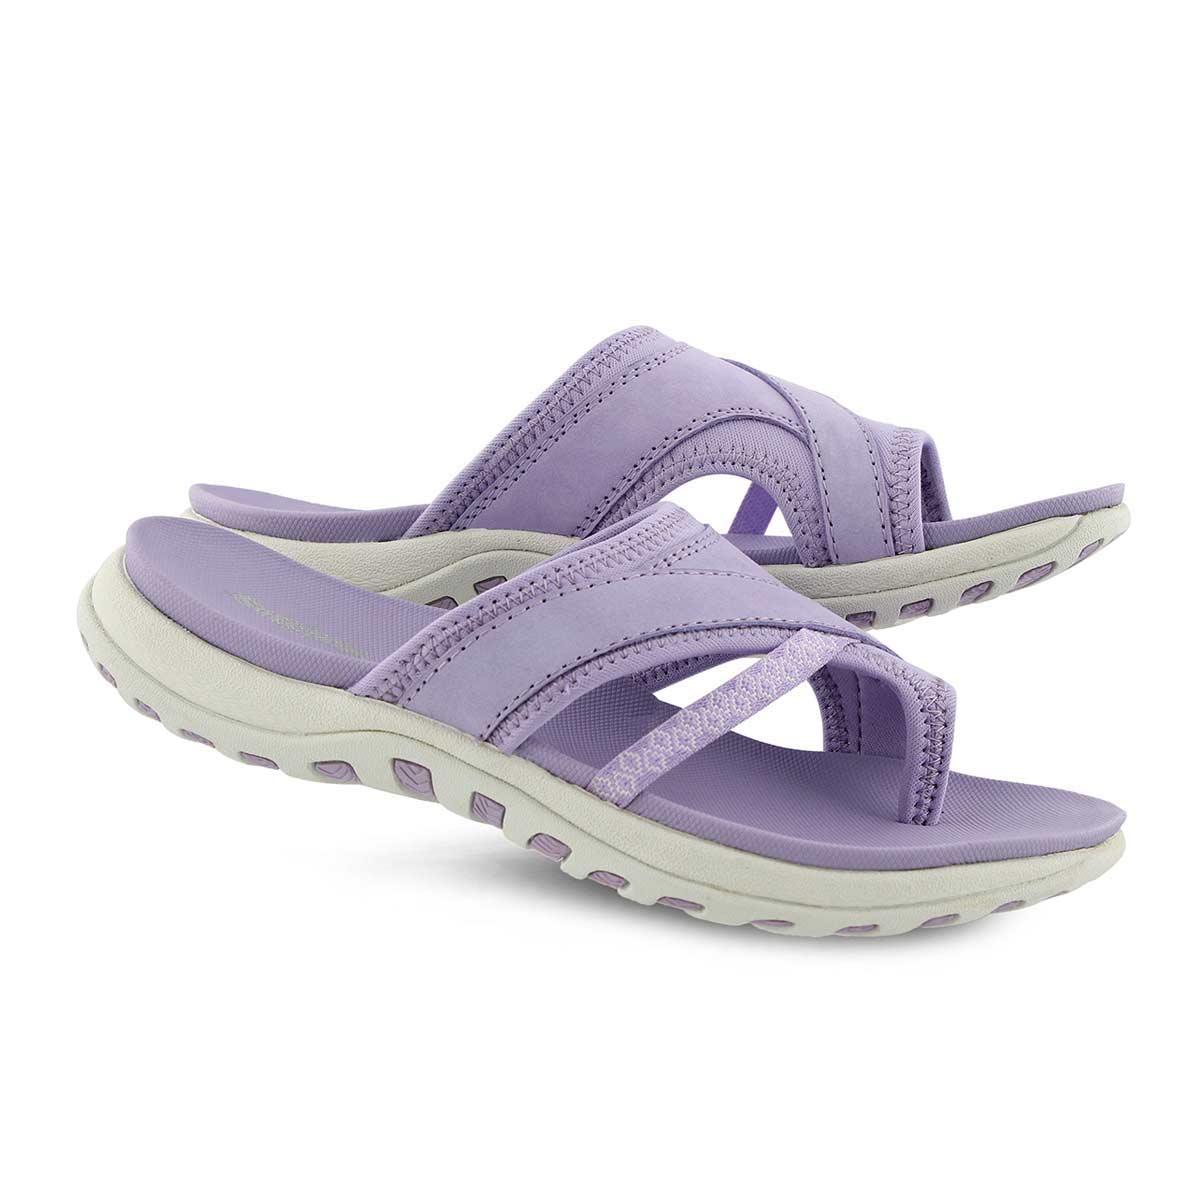 Women's CYNTHIA  lavender toe wrap sport sandals